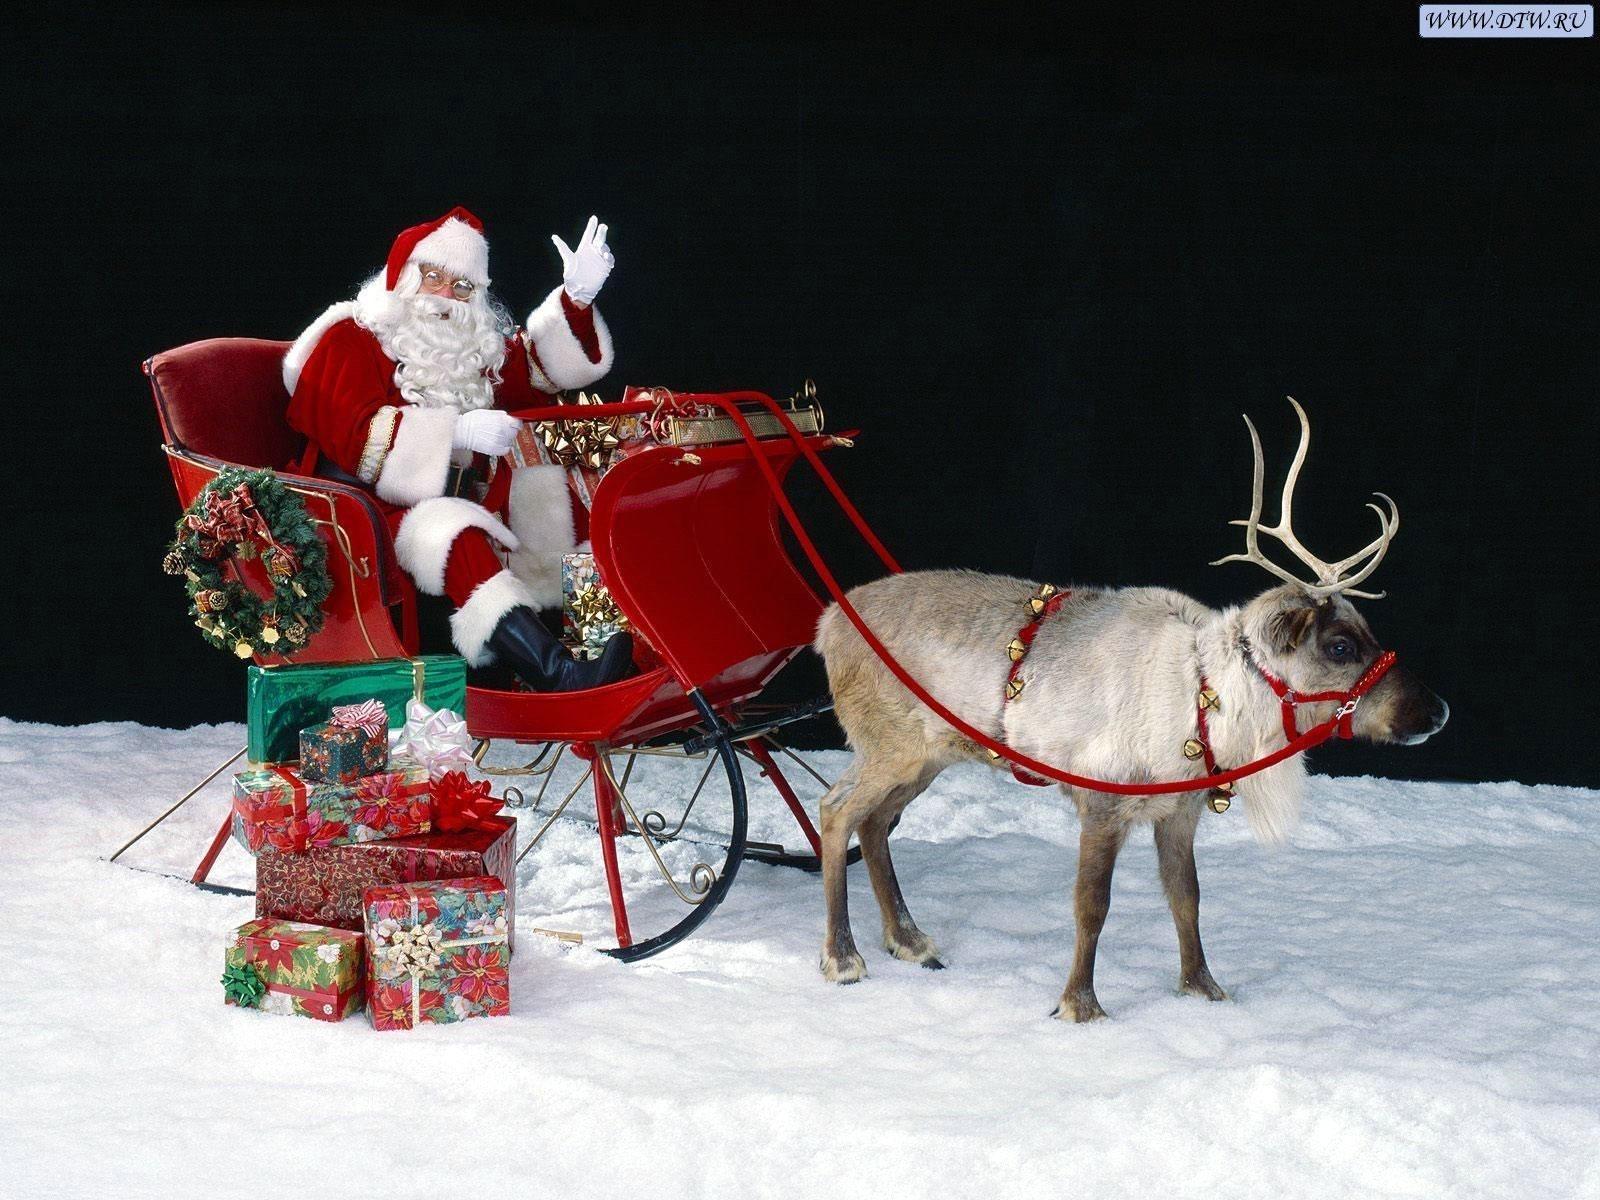 2211 descargar fondo de pantalla Vacaciones, Año Nuevo, Jack Frost, Papá Noel, Navidad: protectores de pantalla e imágenes gratis